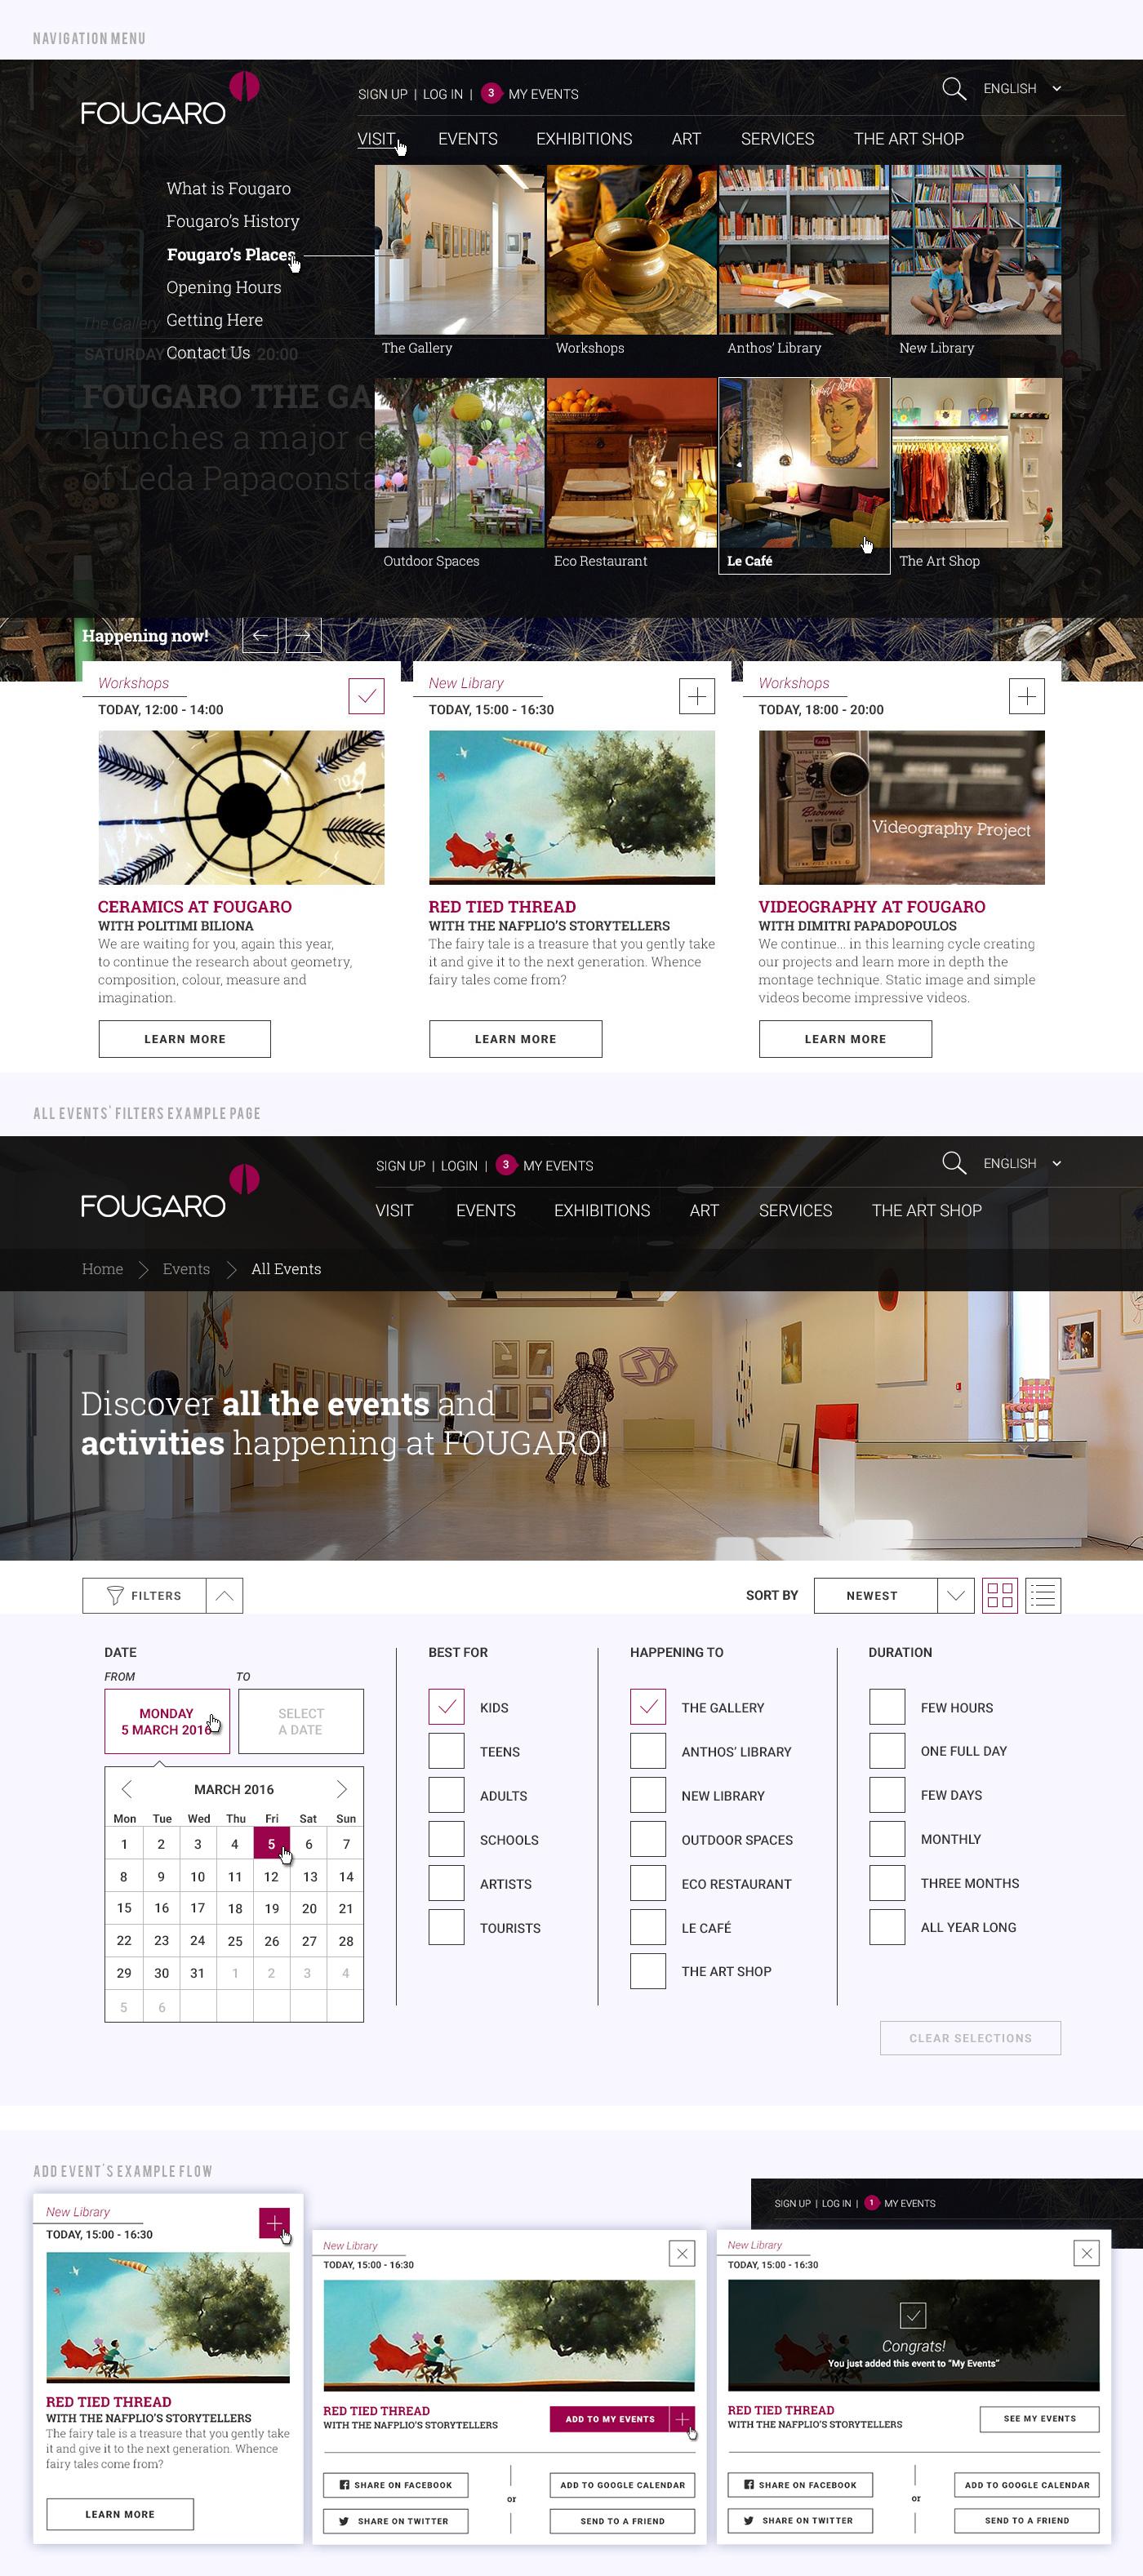 Fougaro Desktop Details